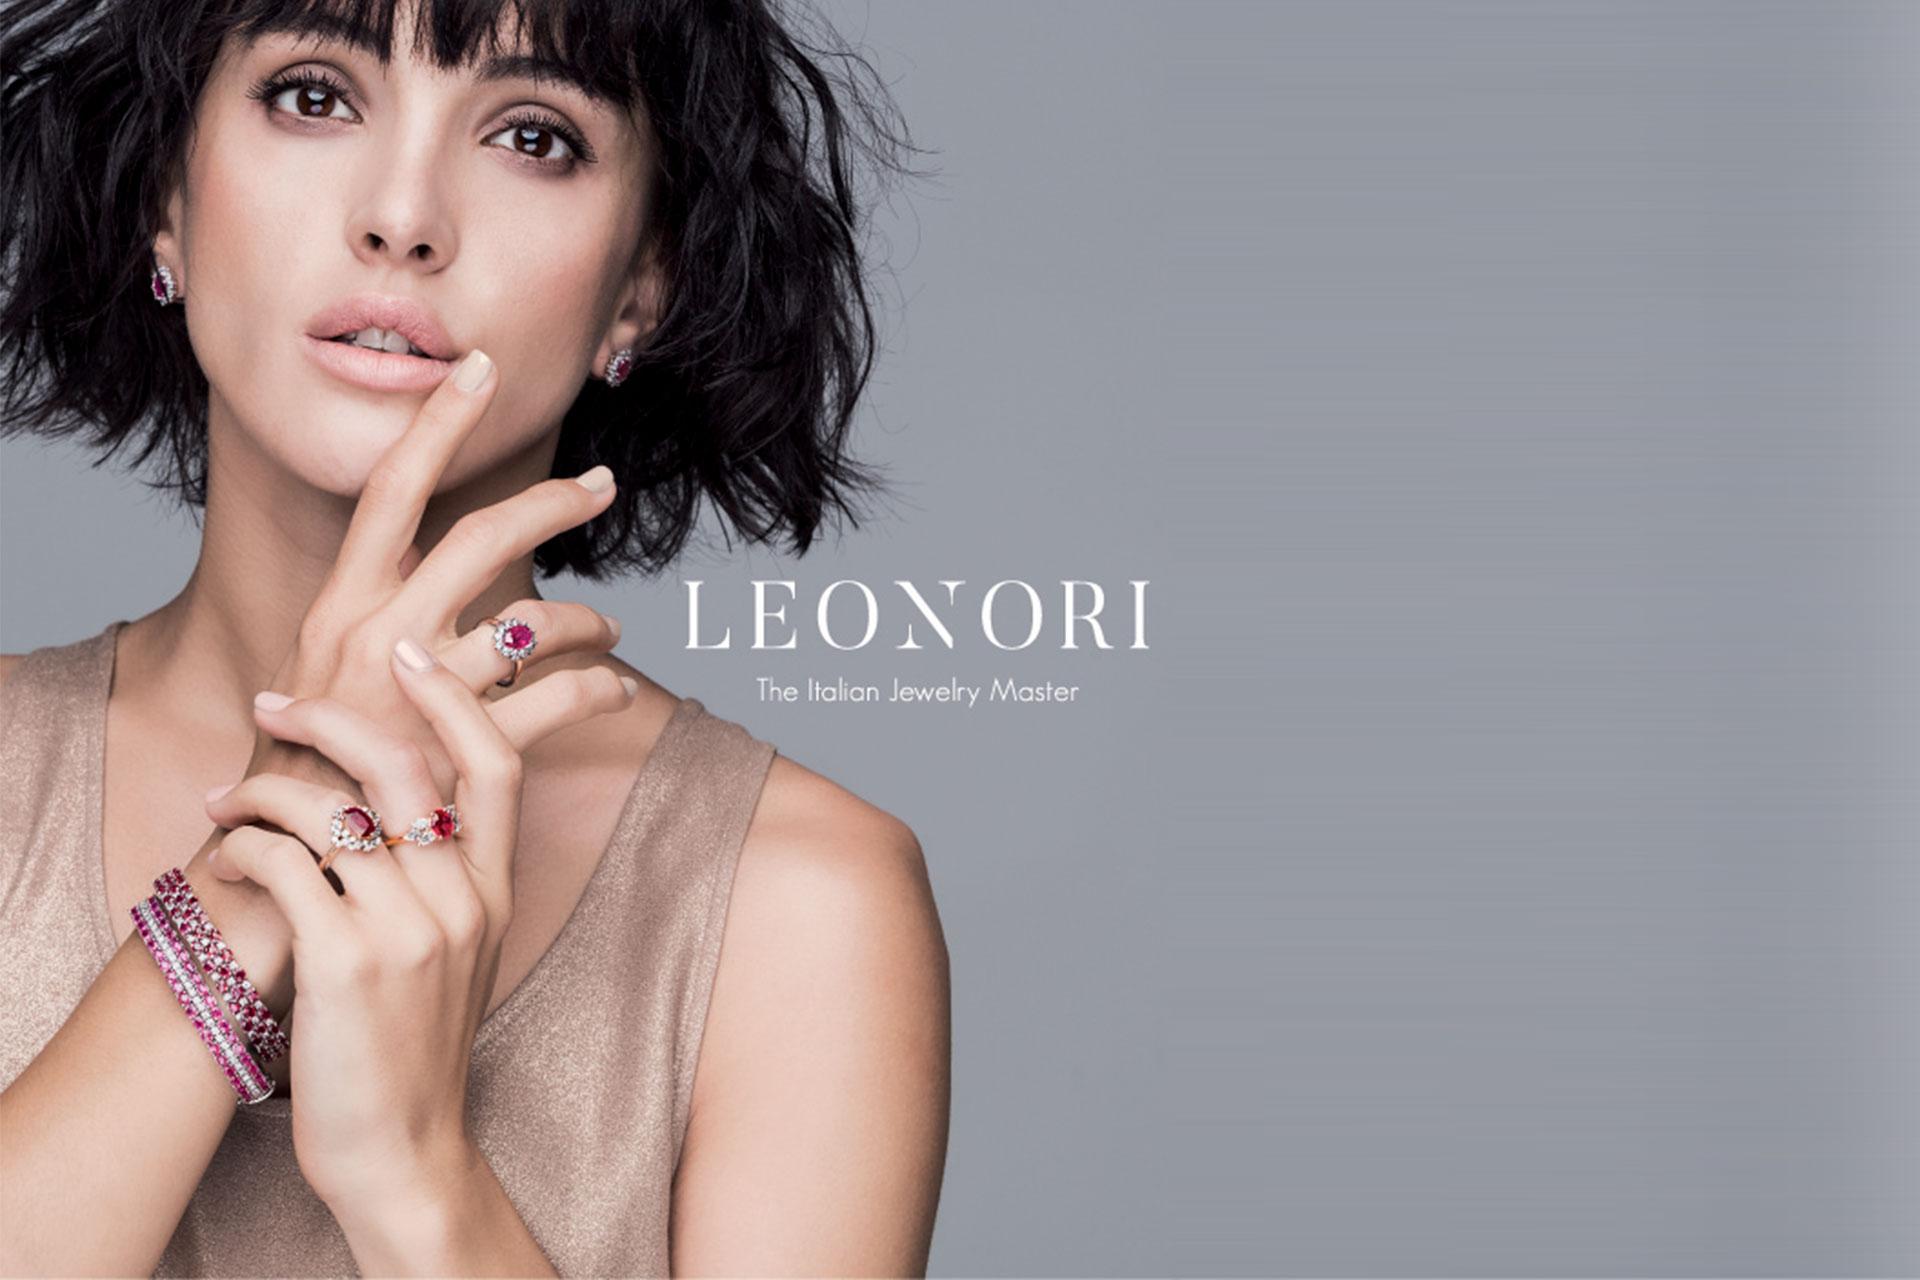 leonori